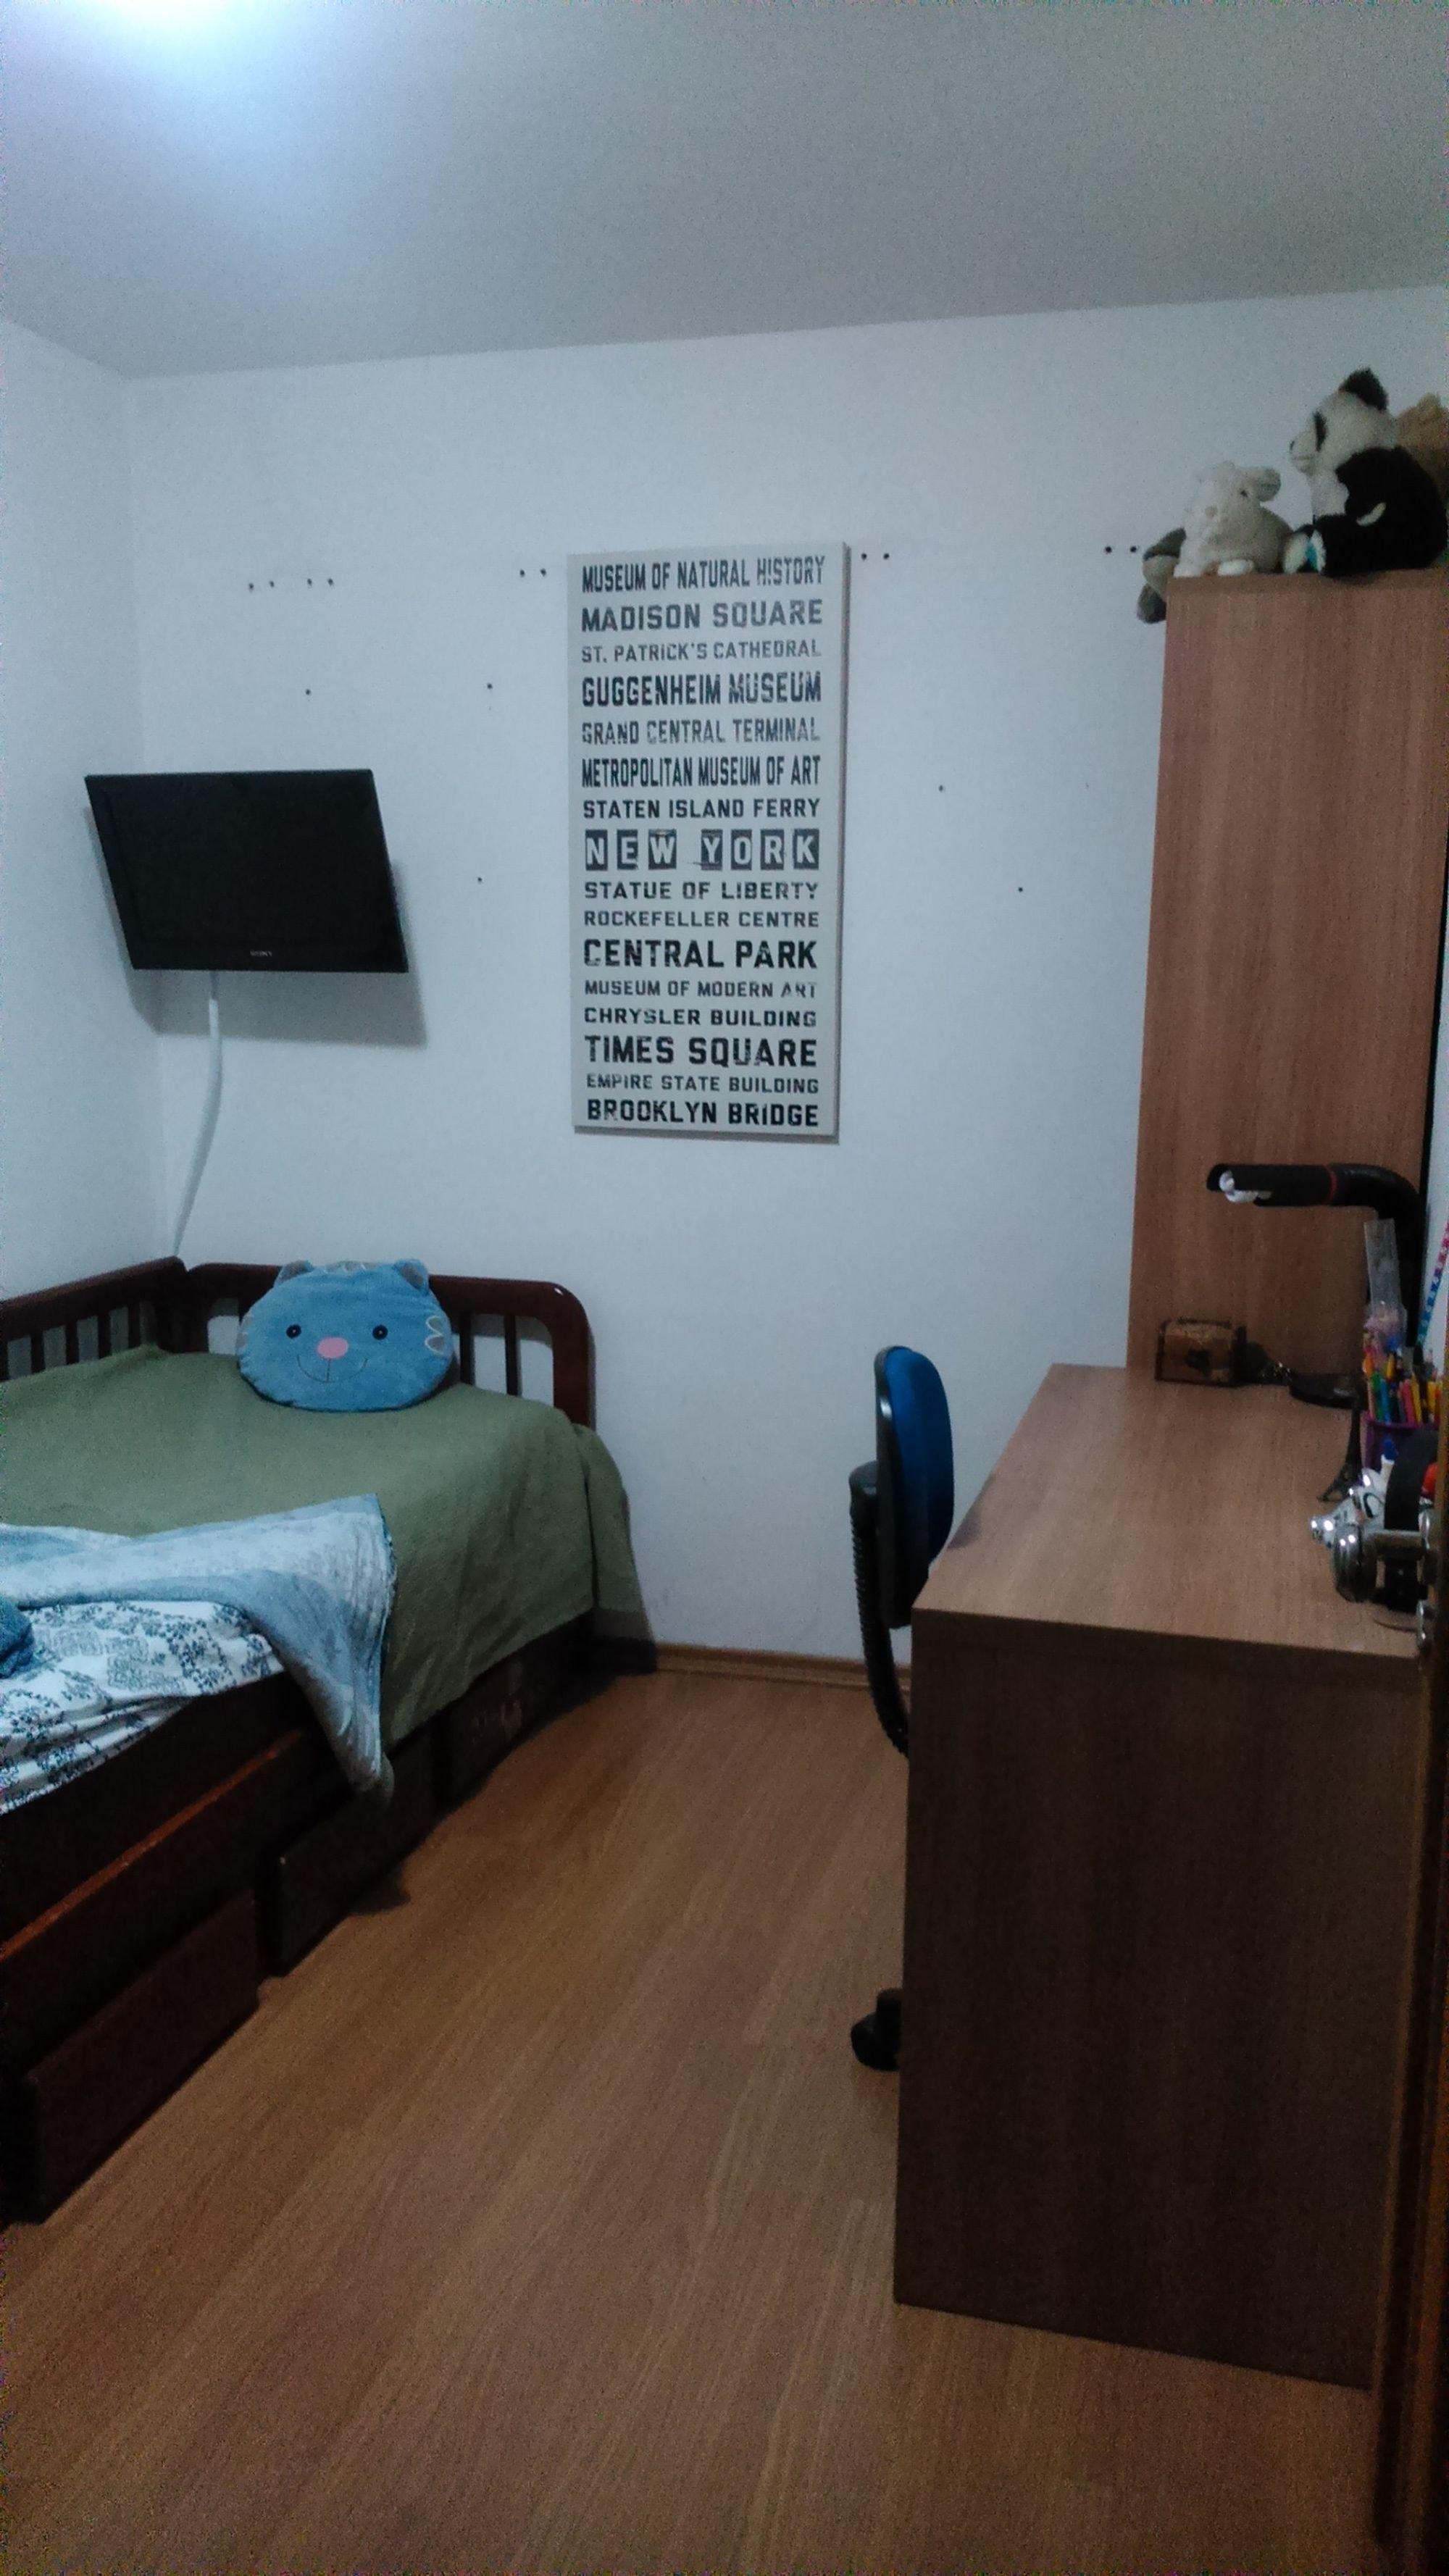 Foto de Sala com cama, cadeira